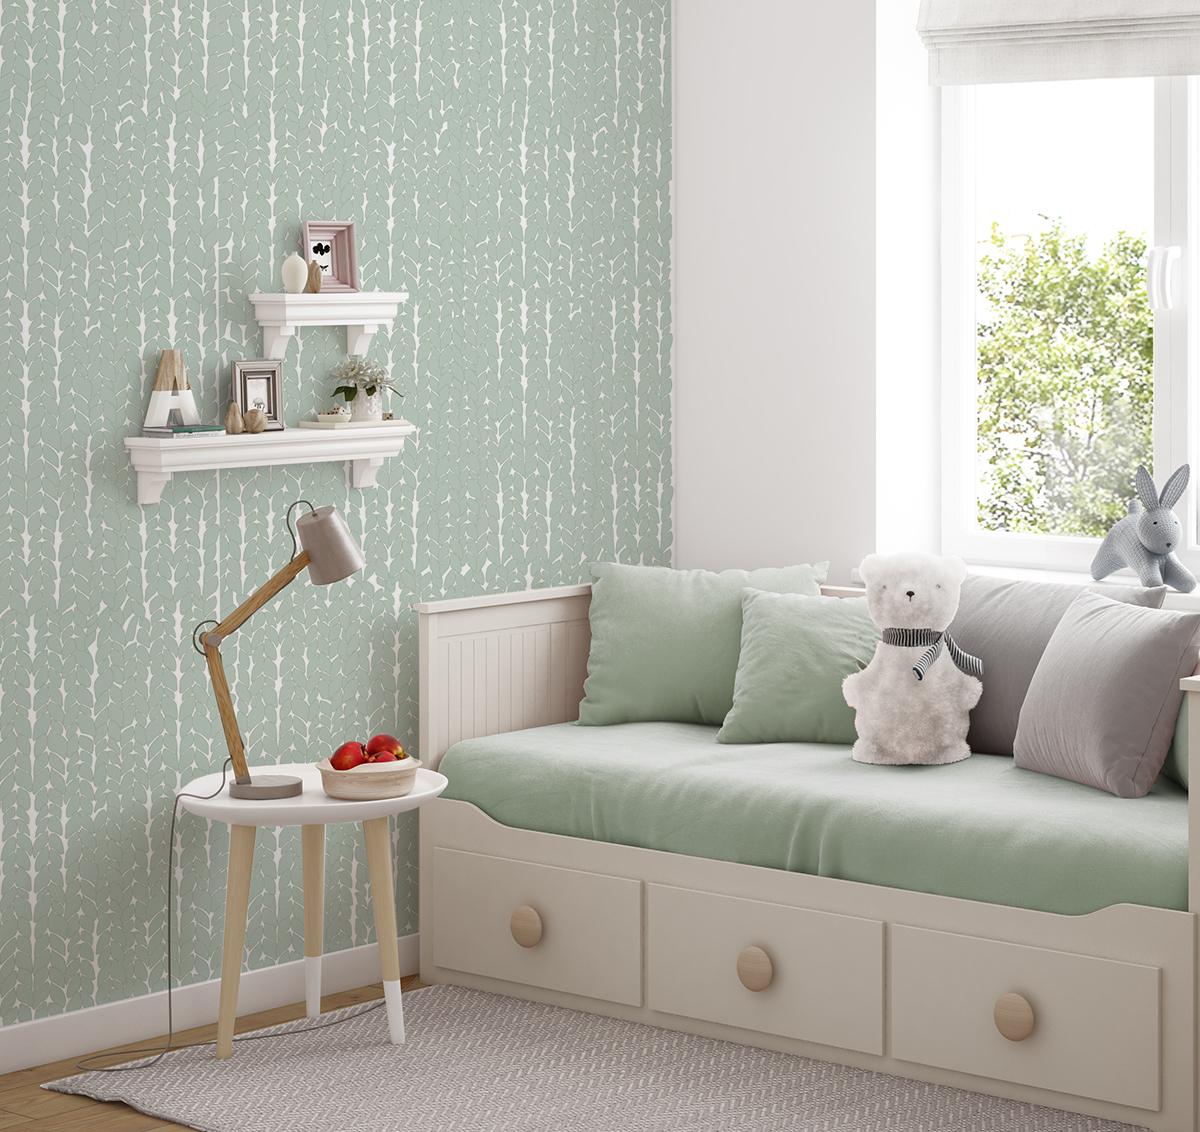 Pokój dziecięcy z tapetą Green Wool w towarzystiwe białych mebelków i szaro zielonych dodatków